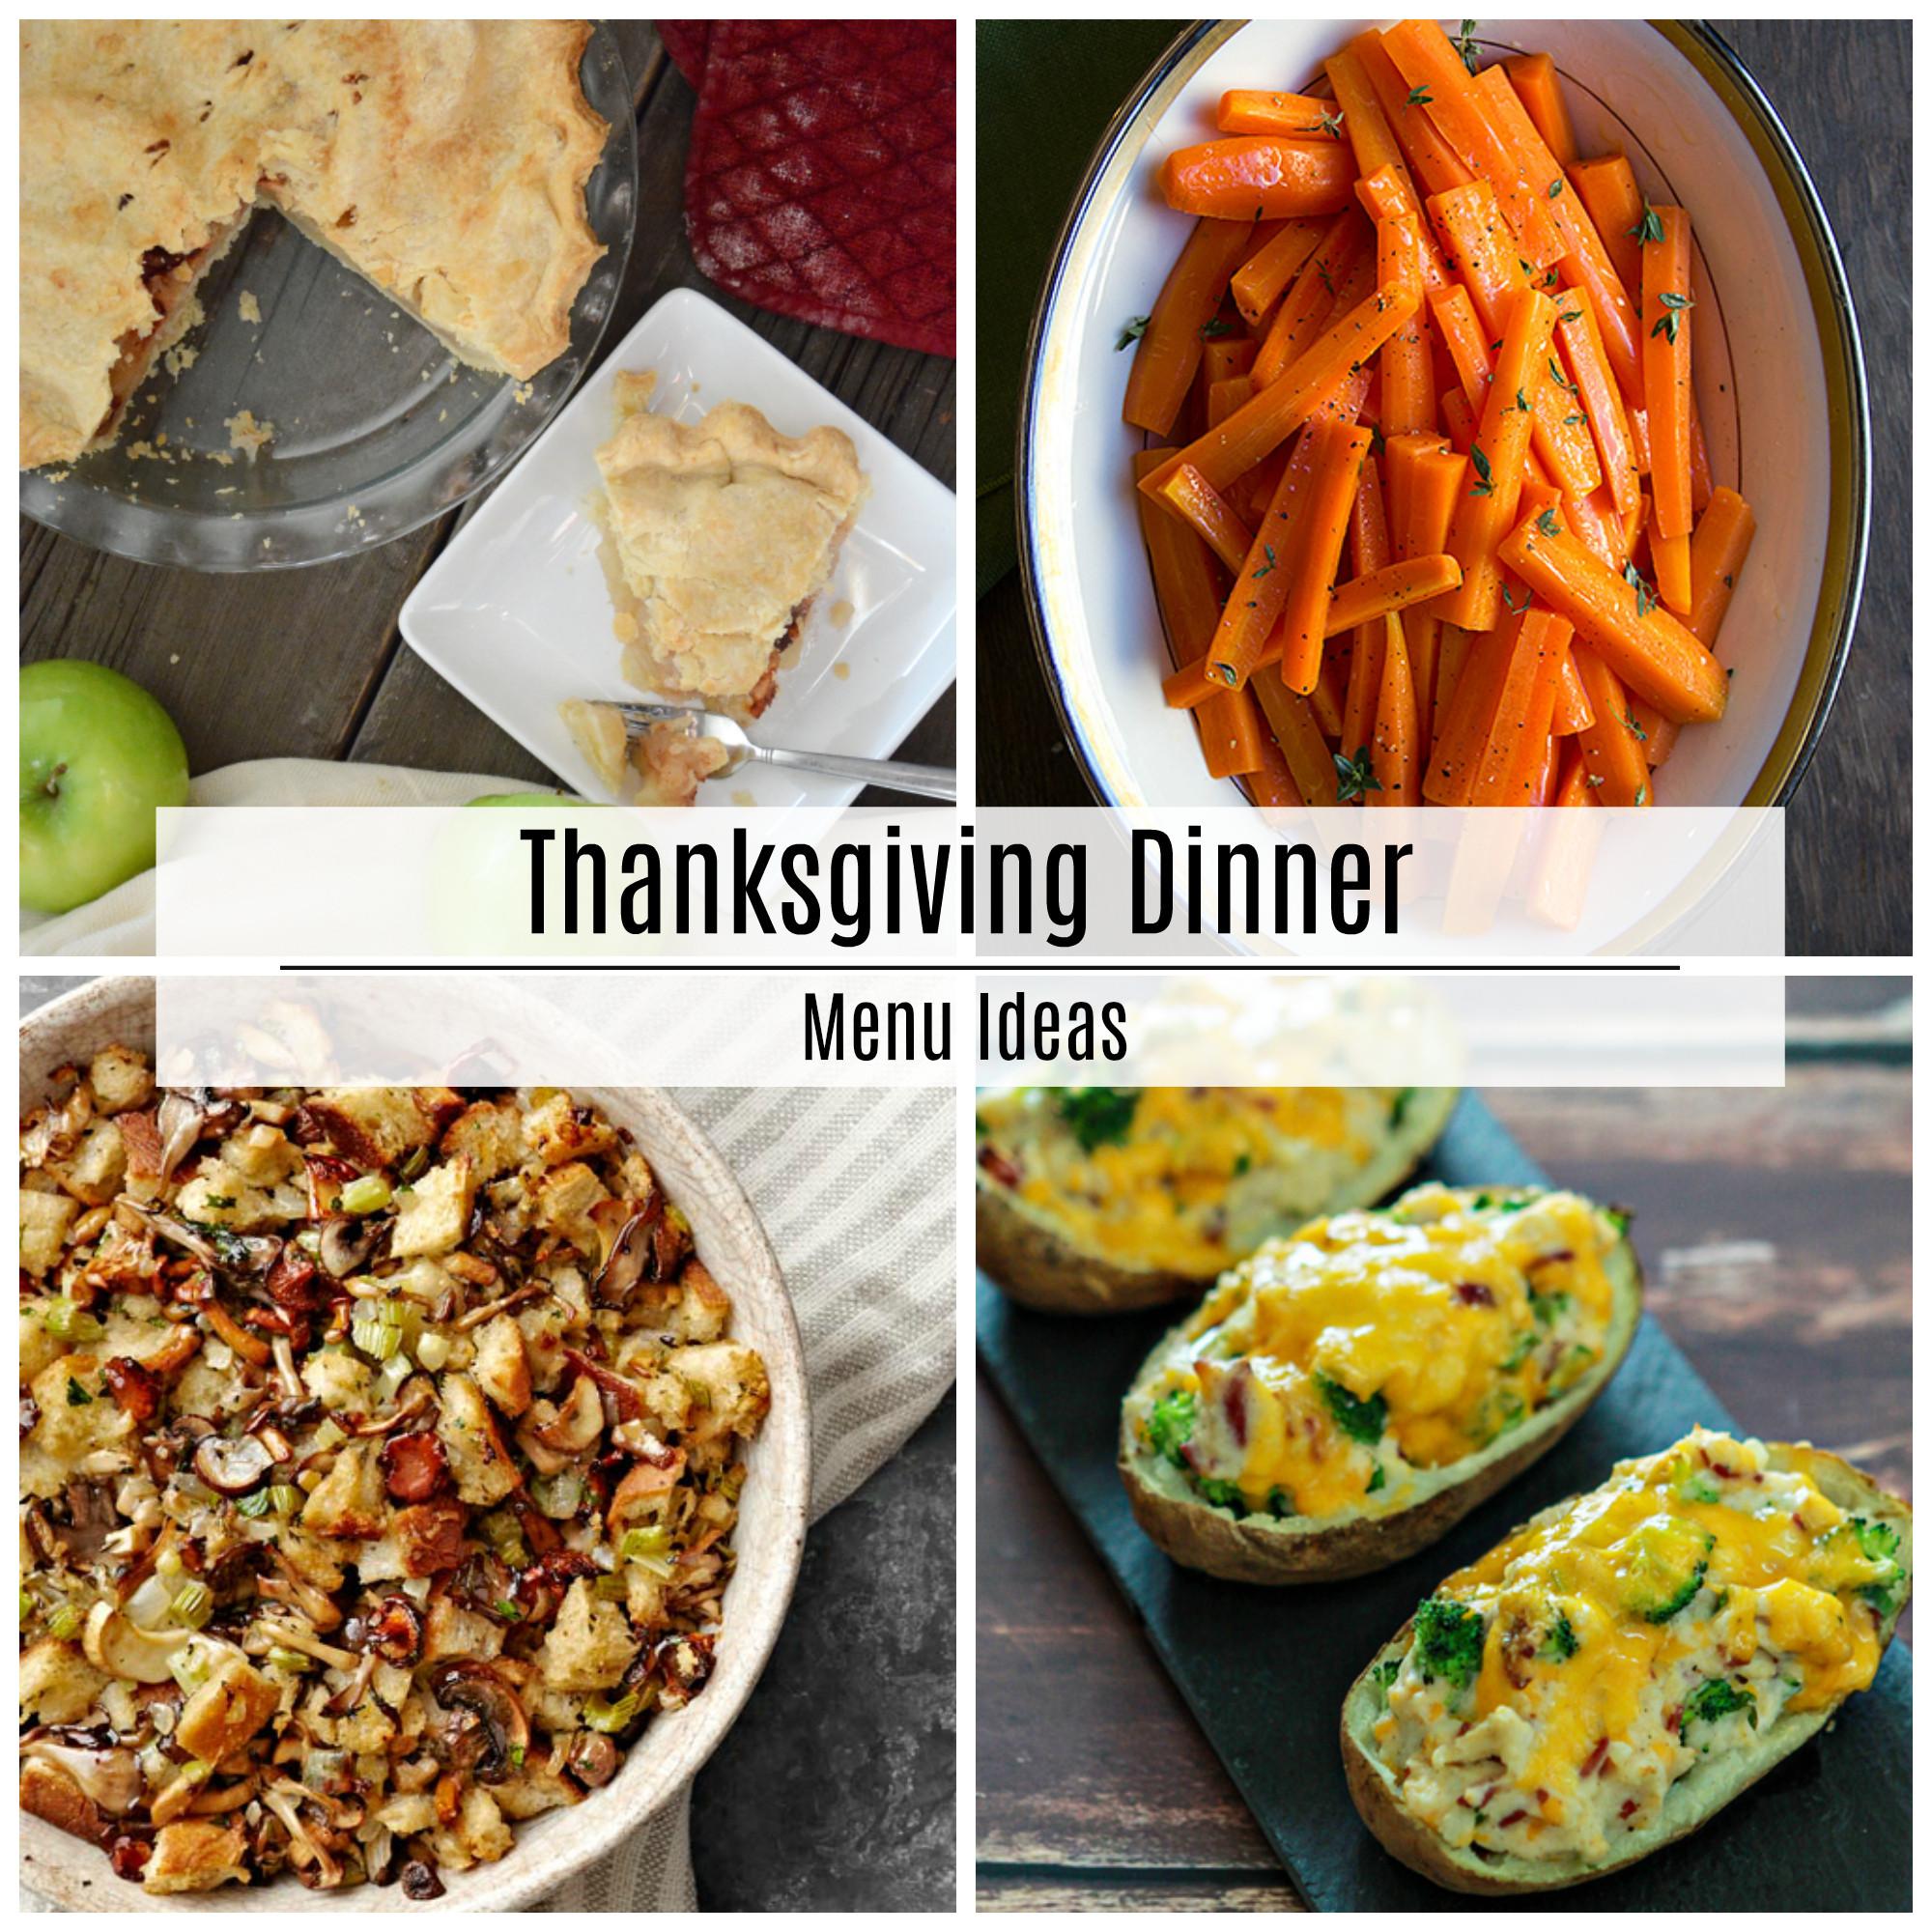 Recipes For Thanksgiving Dinner  Thanksgiving Dinner Menu Recipe Ideas The Idea Room